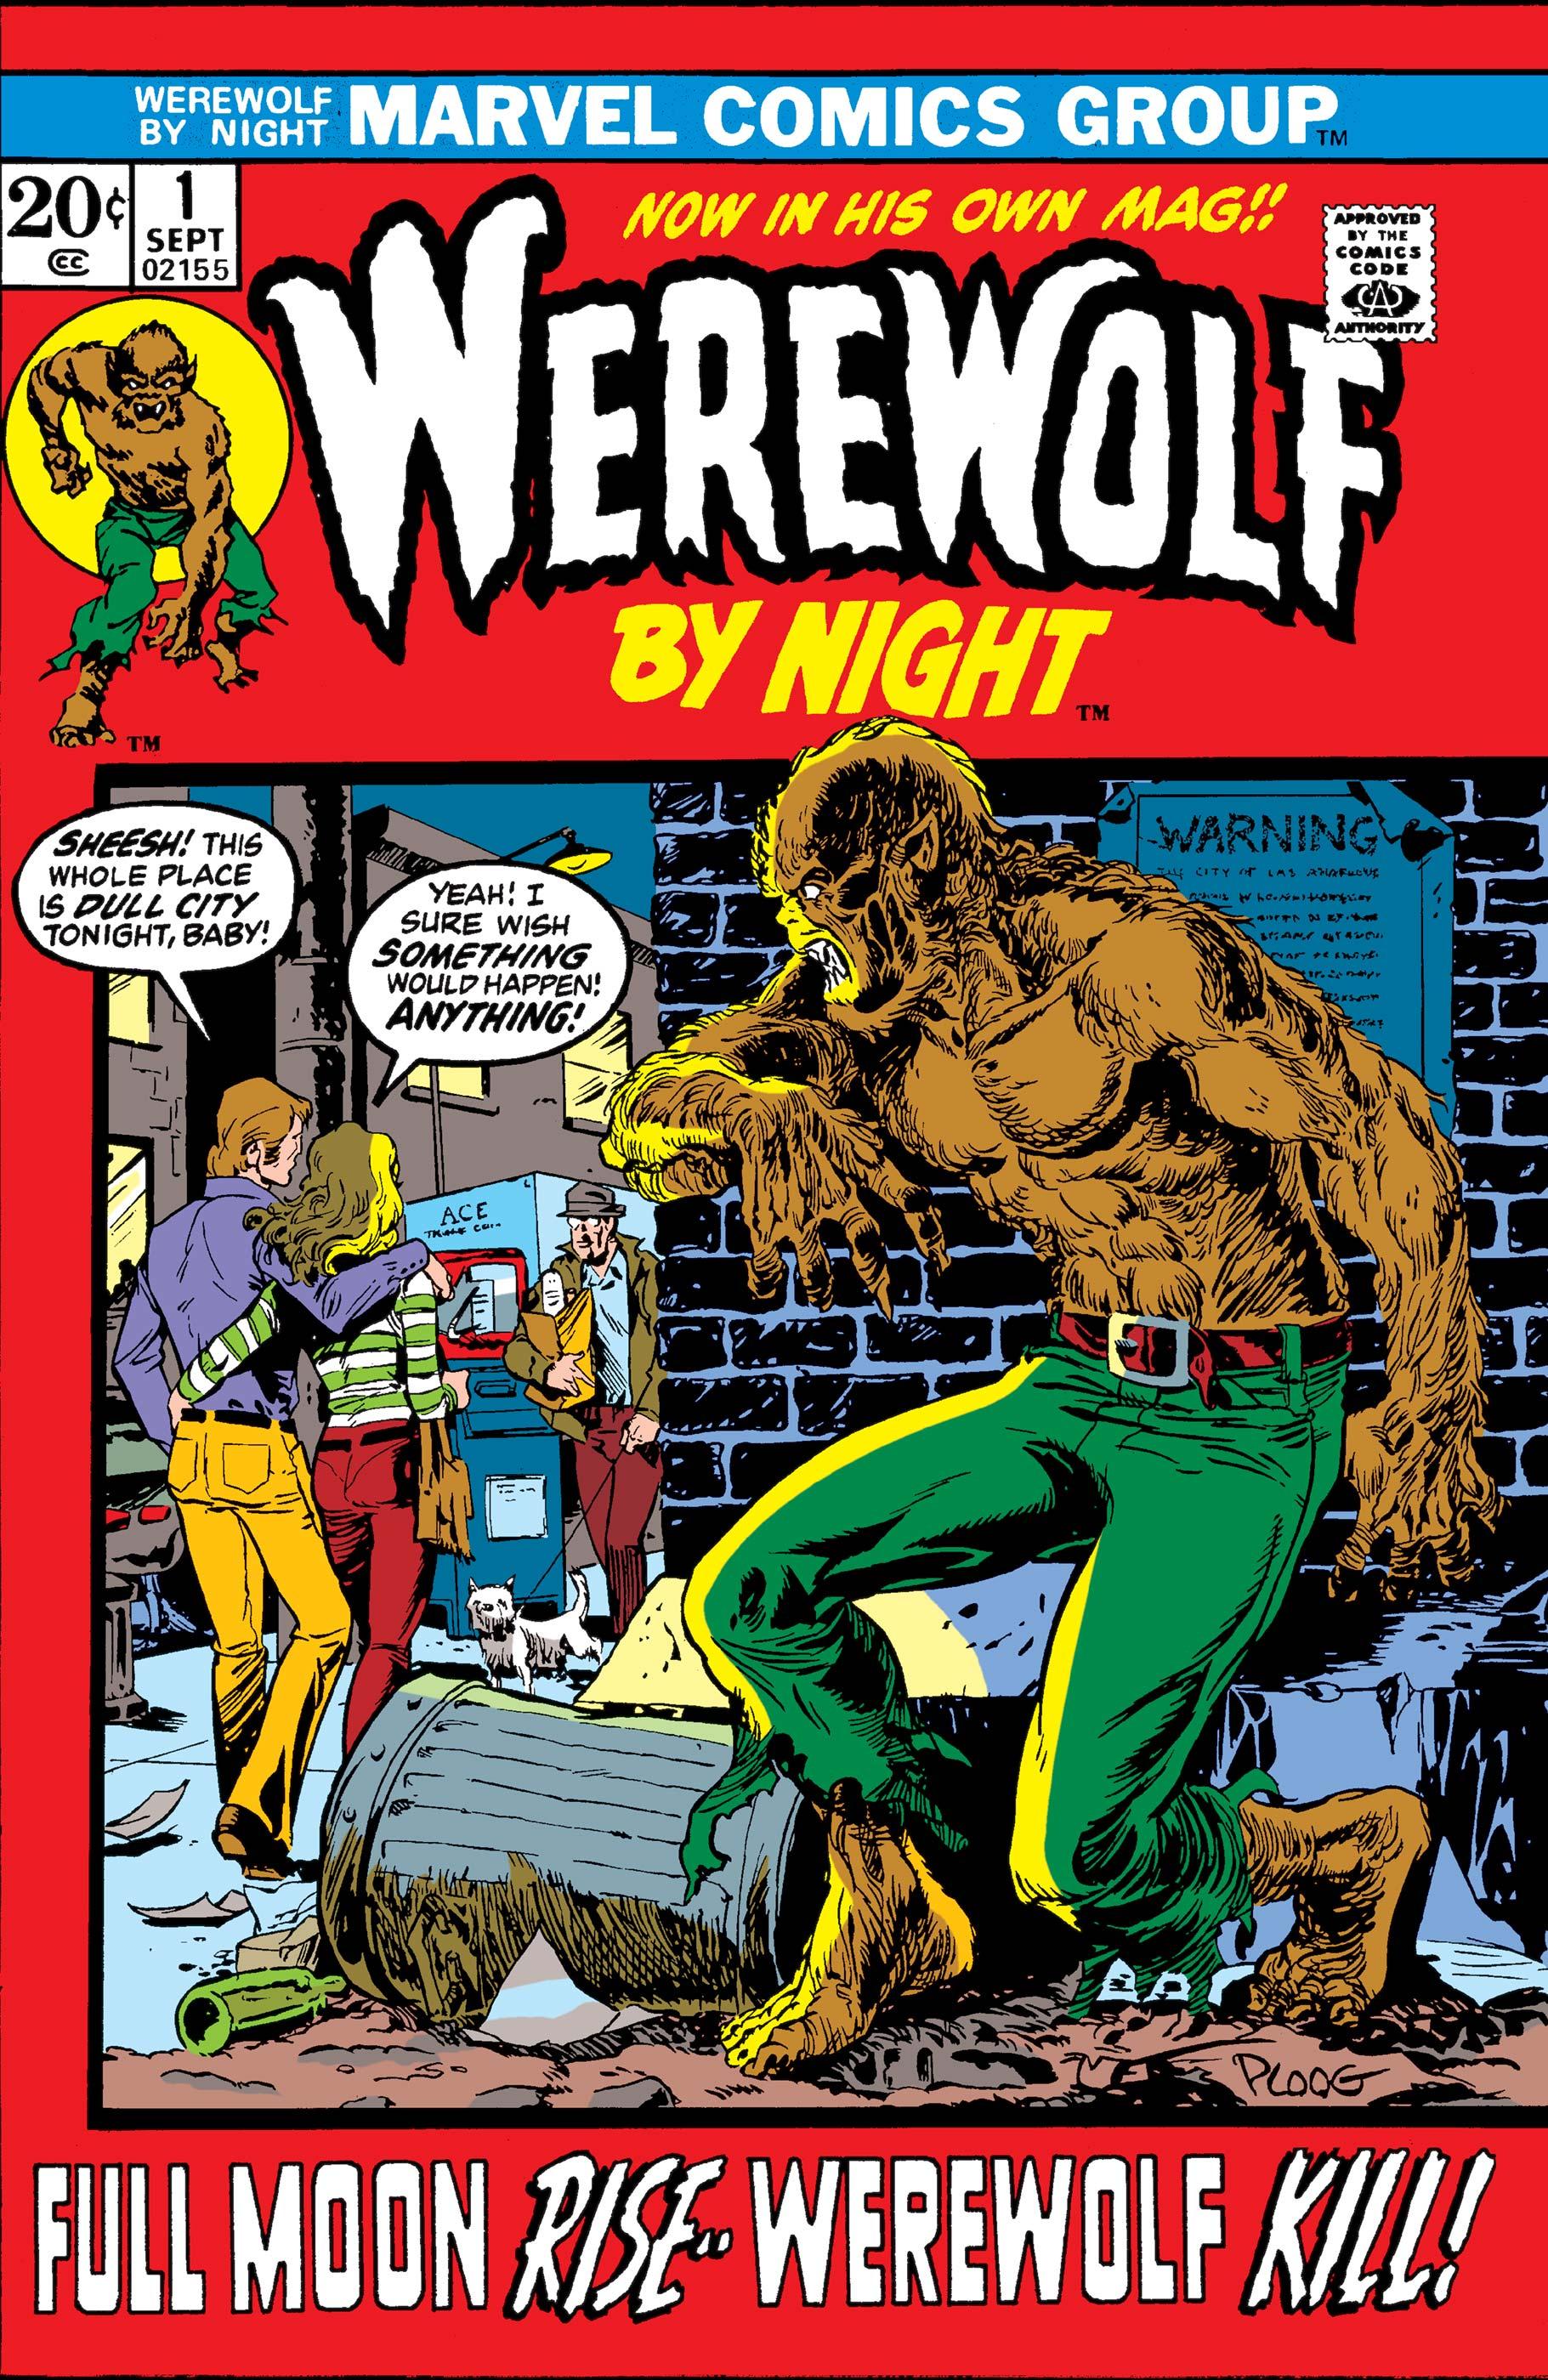 Werewolf By Night (1972) #1